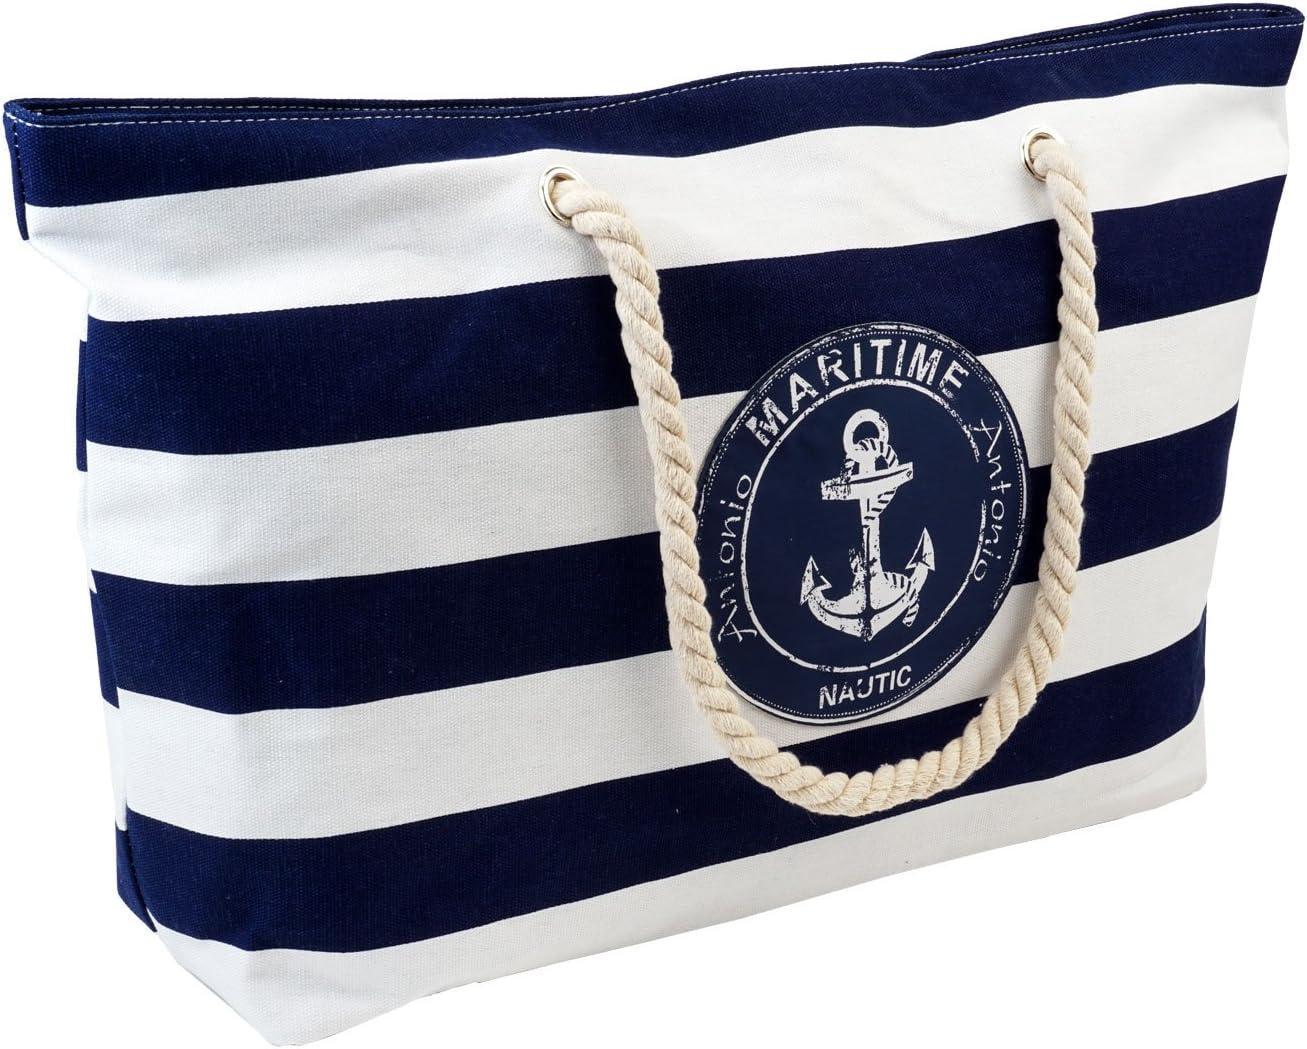 maritim Anker Shoppingtasche beige-blau robust Freizeit